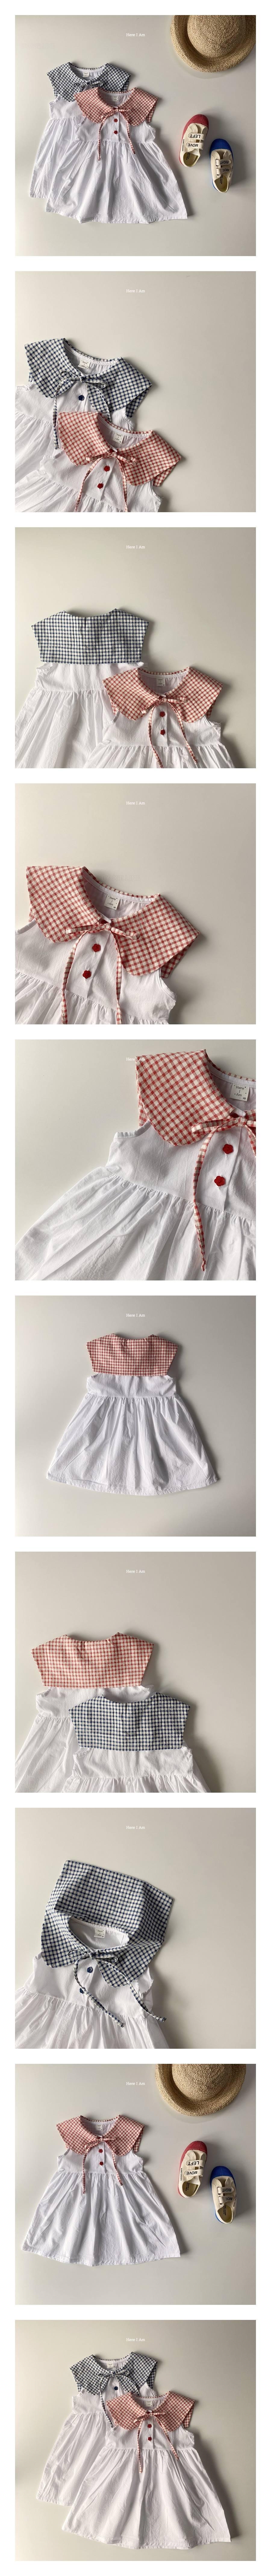 HERE I AM - Korean Children Fashion - #Kfashion4kids - Haul One-piece